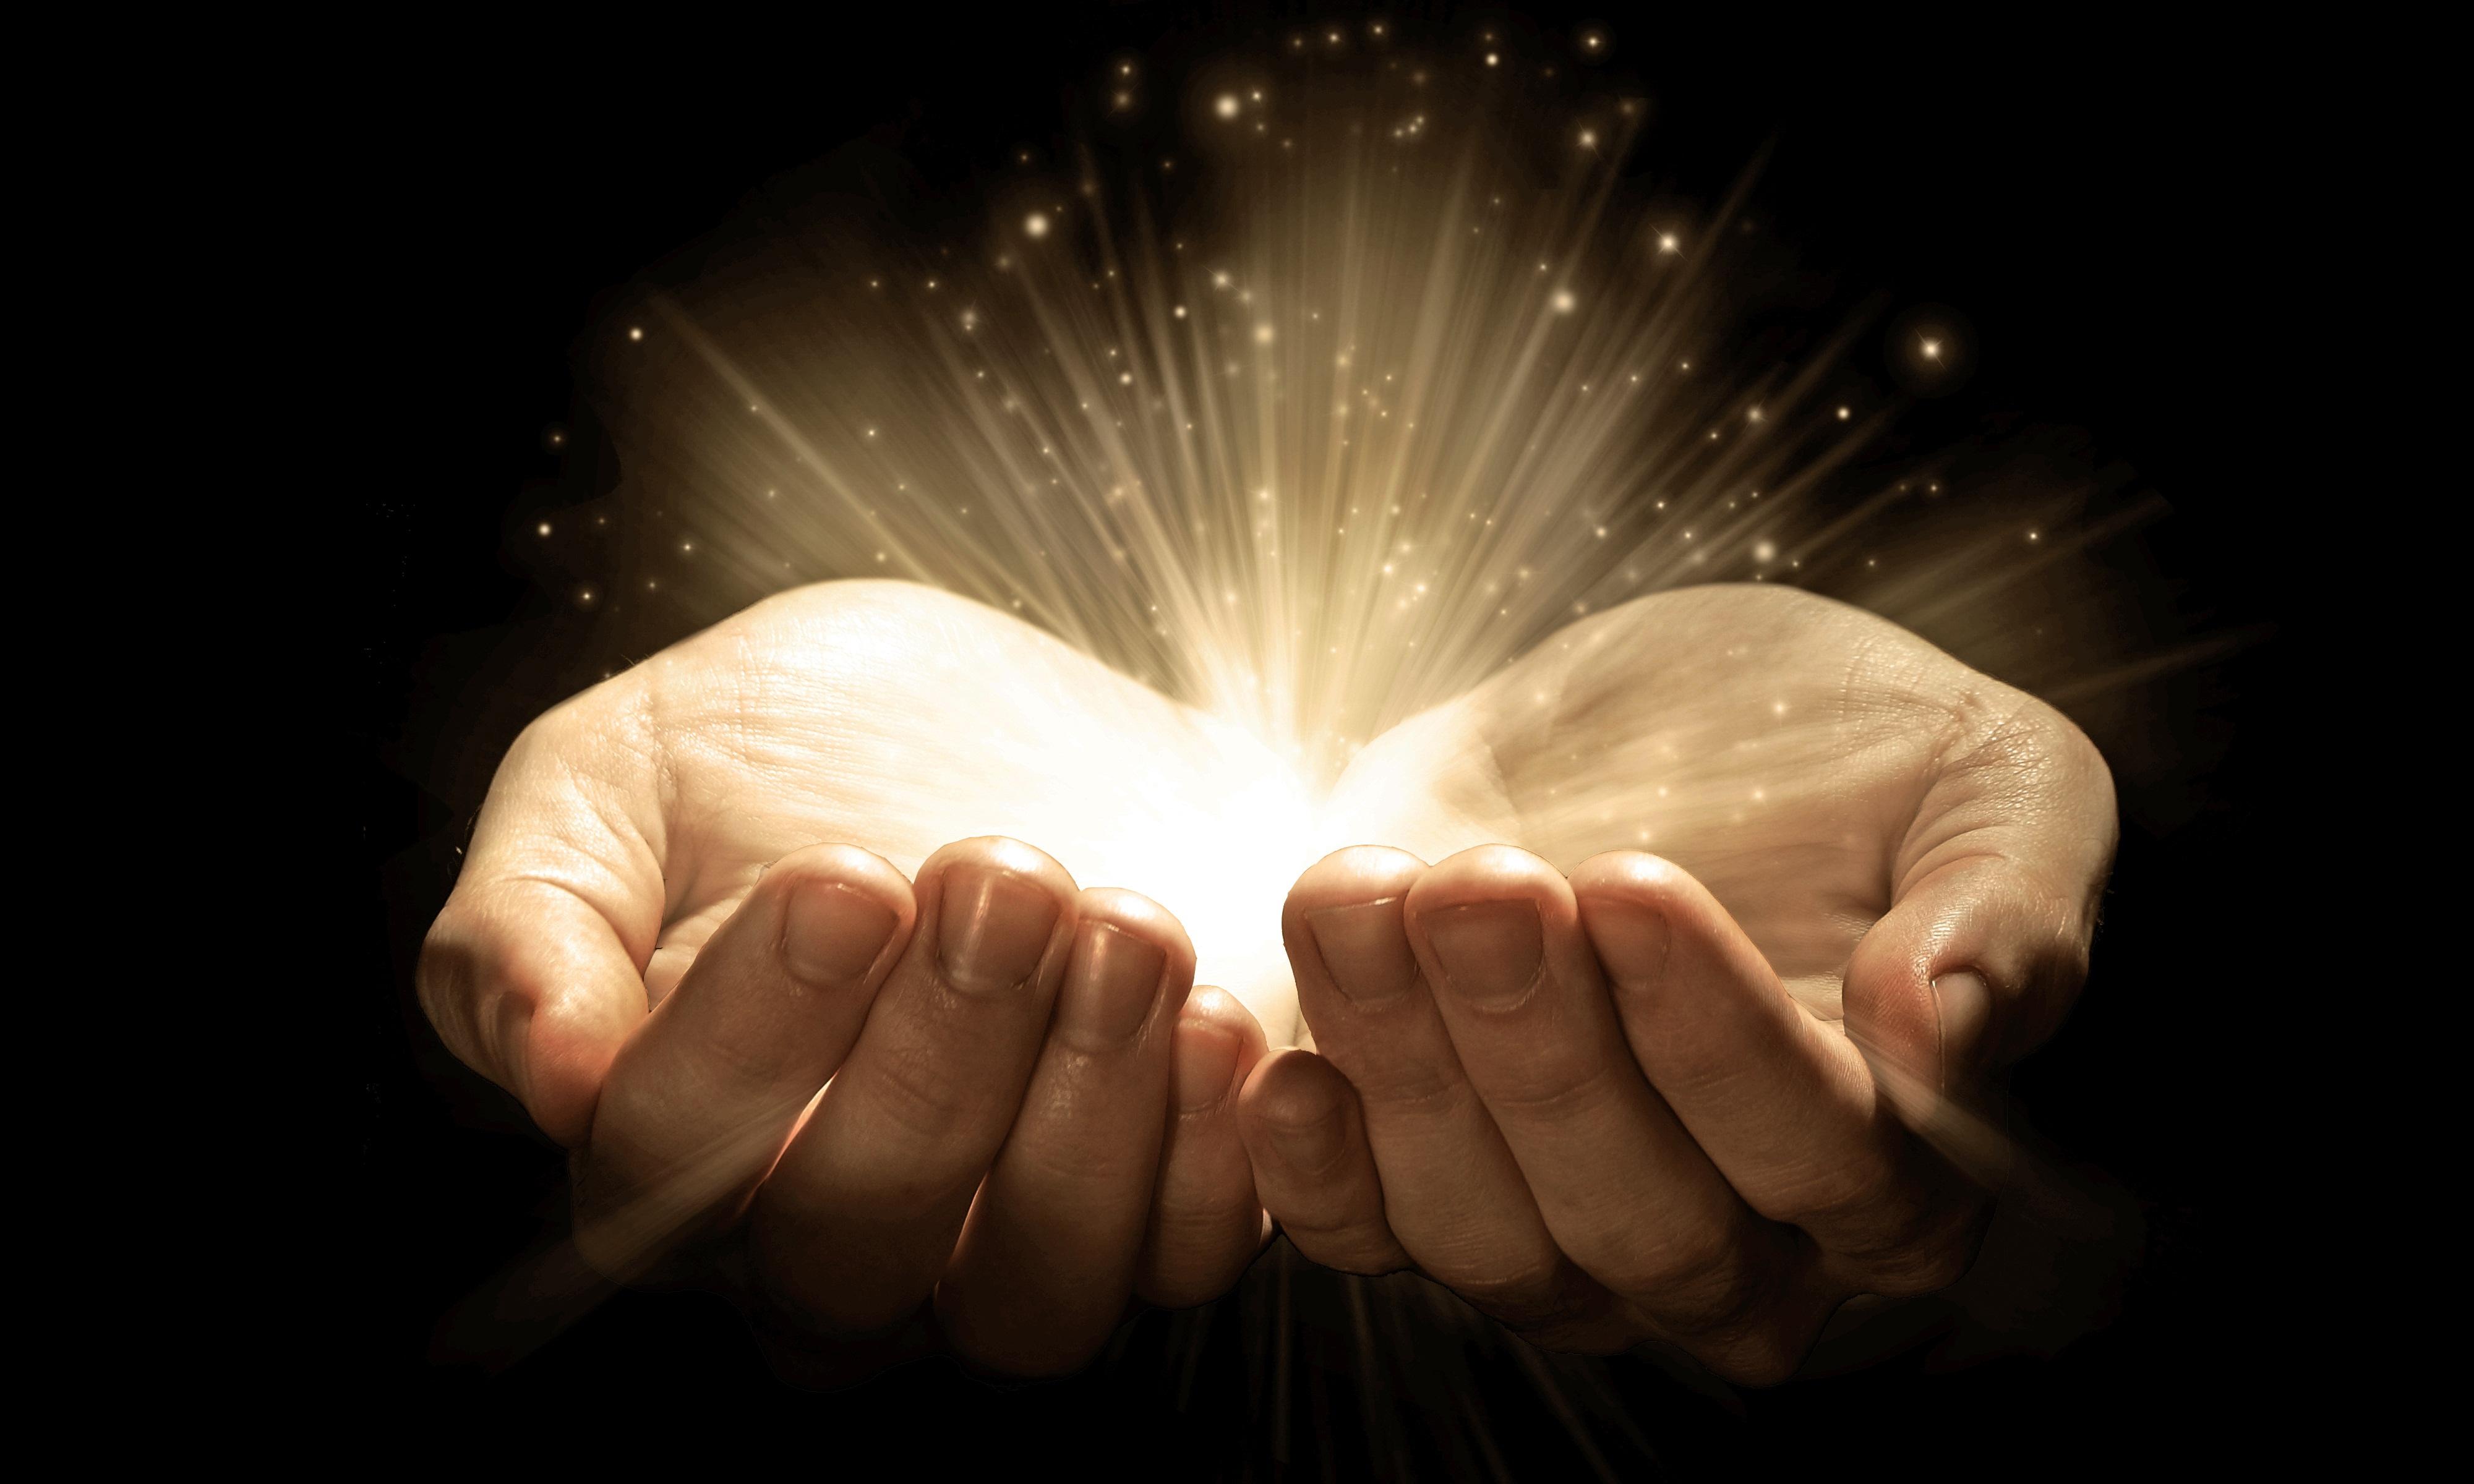 Light hand